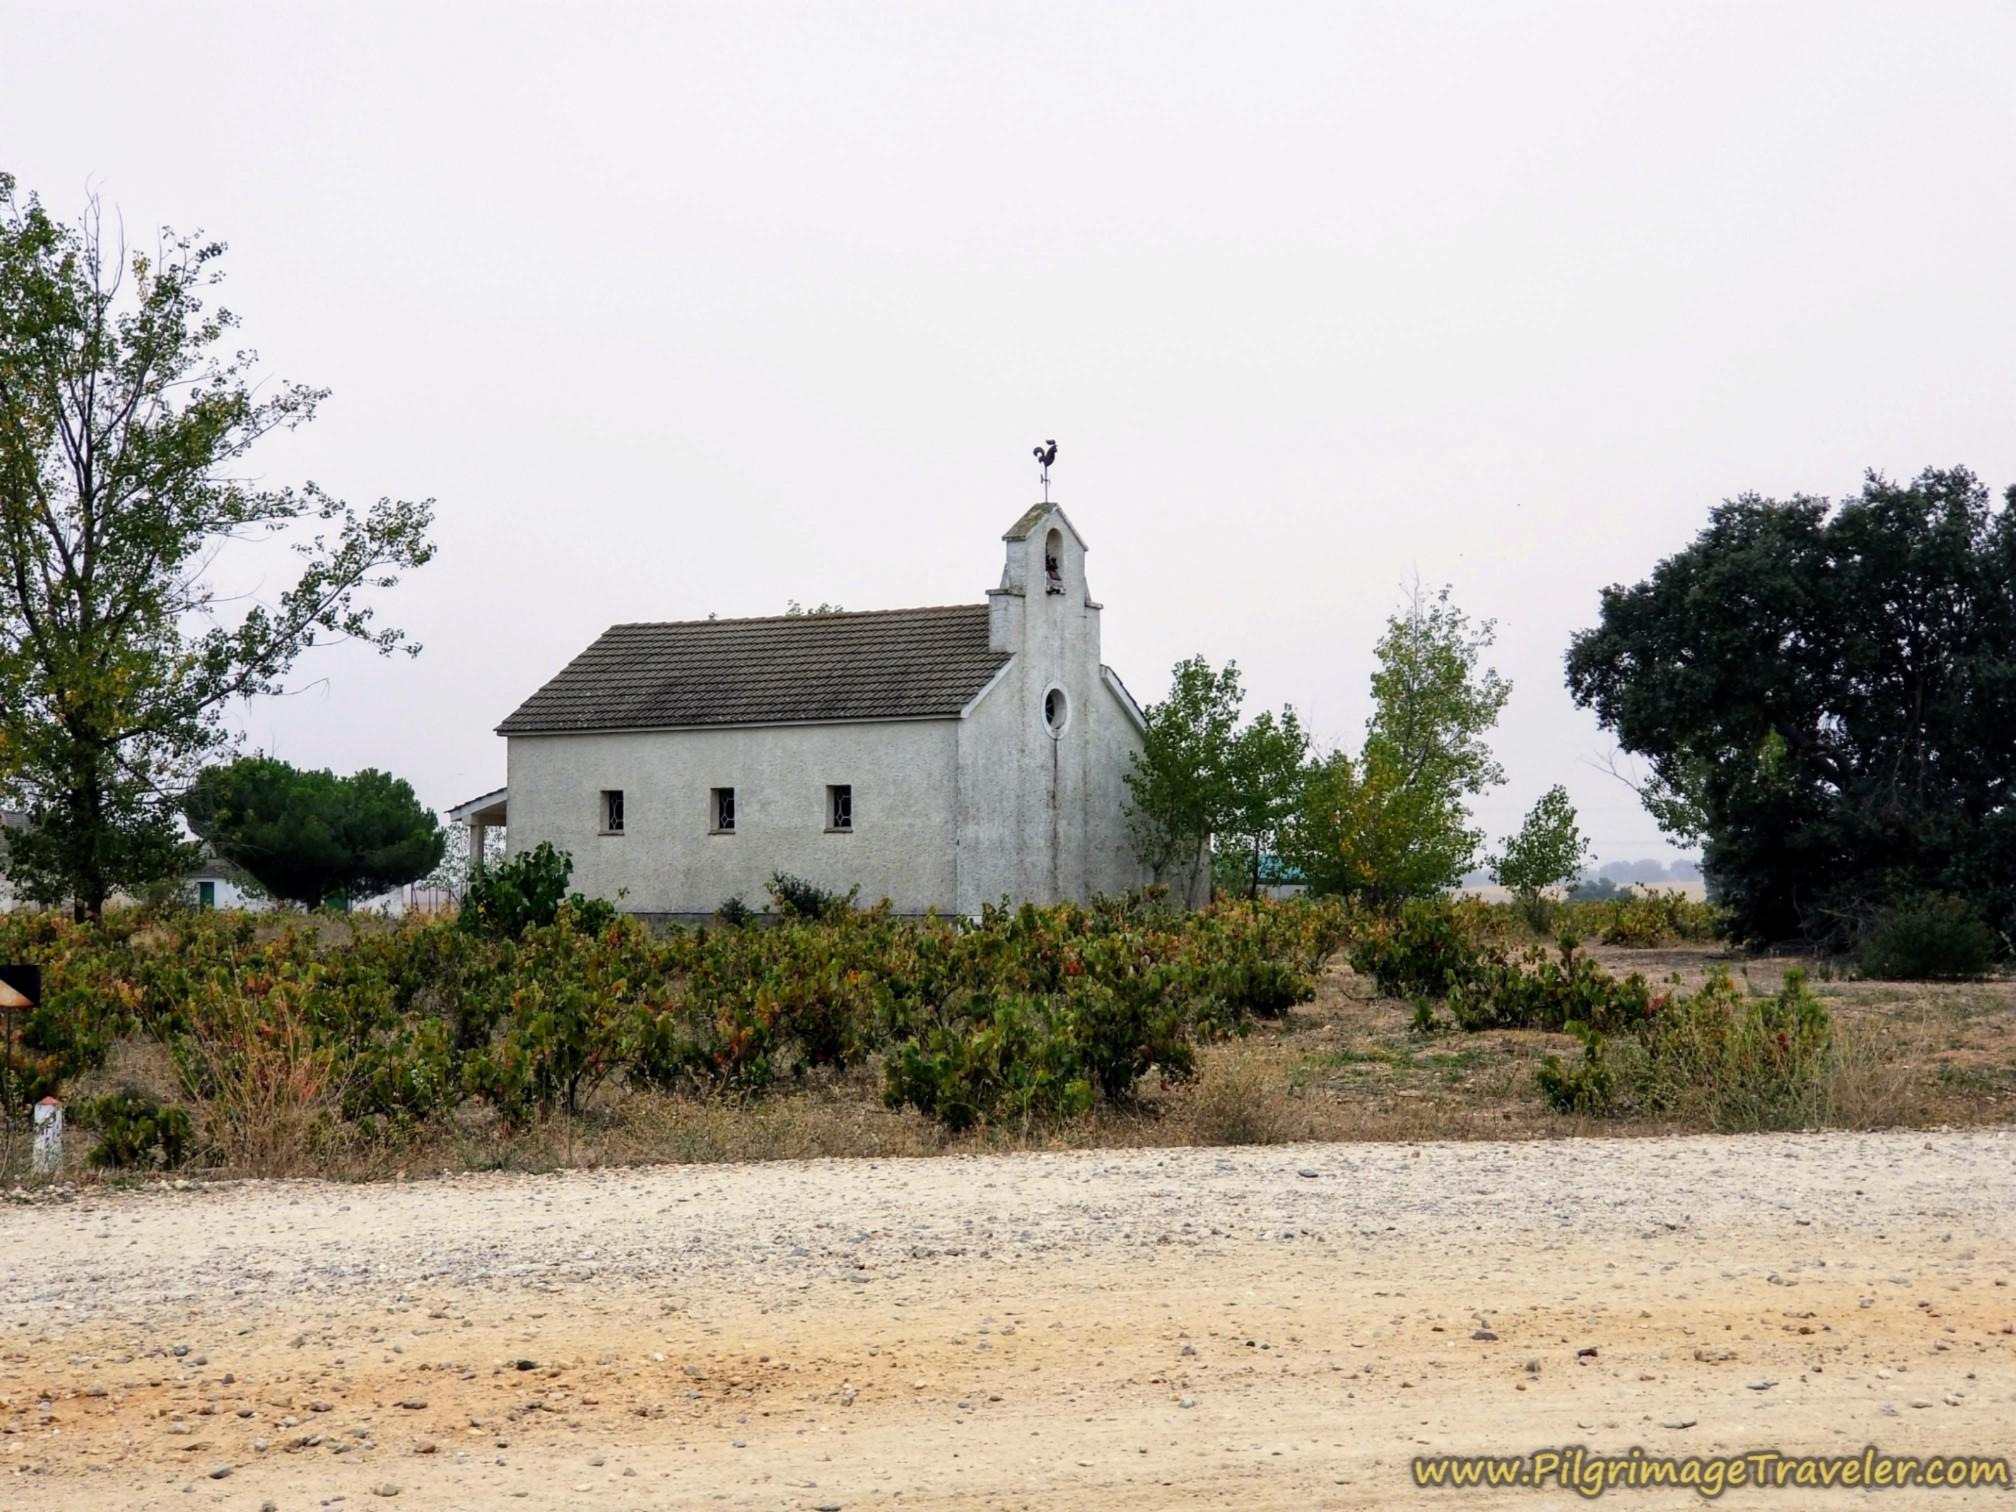 Wayside Chapel at Top of Second Overpass on the Vía de la Plata from Cañedino to Villanueva de Campeán